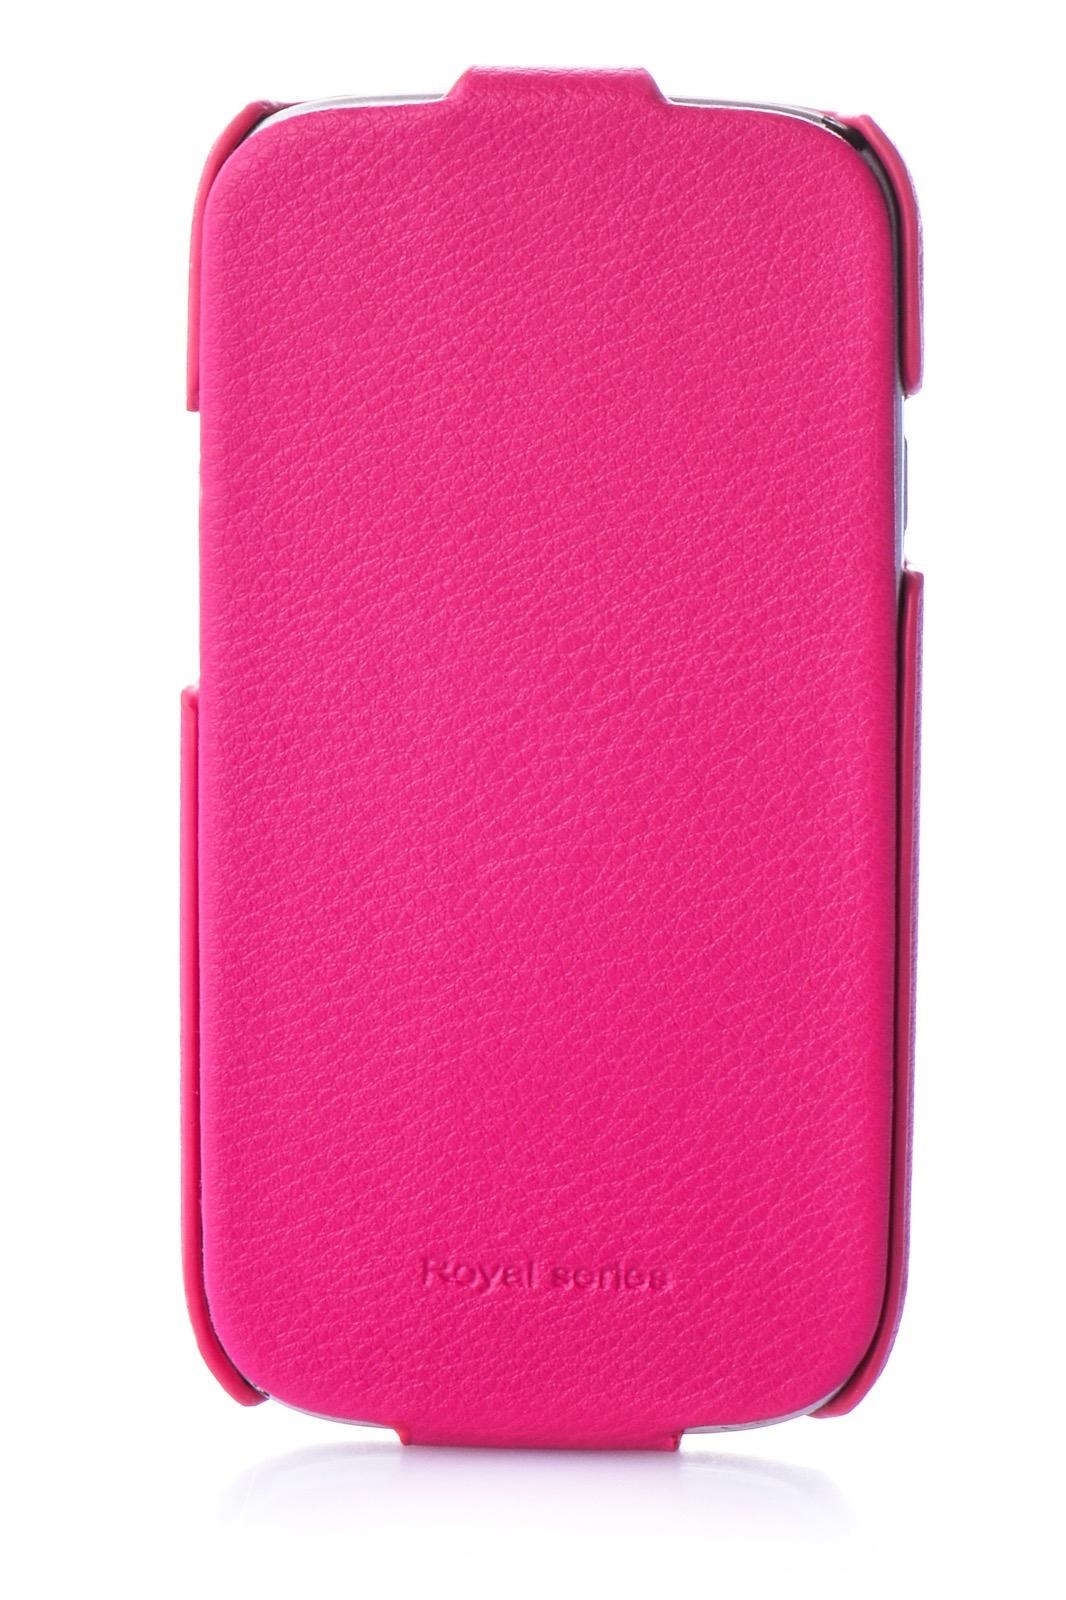 Чехол для сотового телефона Hoco Чехол книжка экокожа 380171 для Samsung S3, темно-розовый